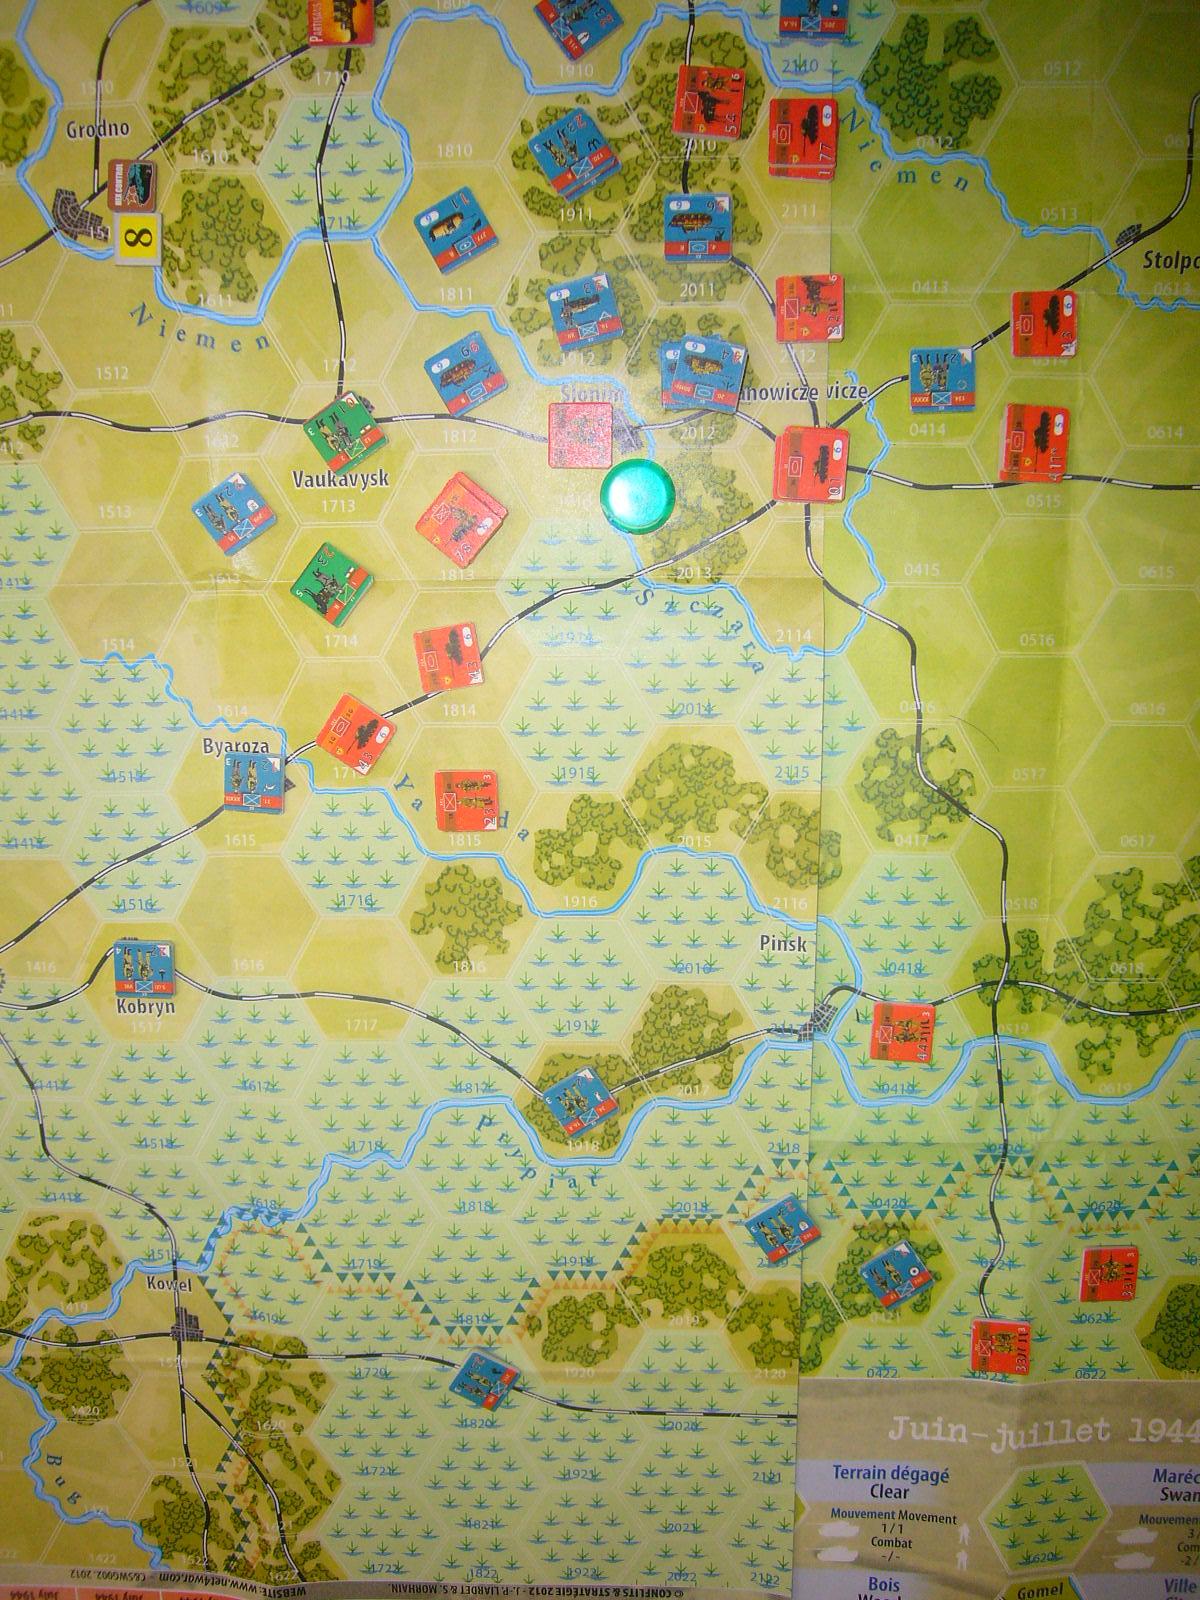 YSGA 9月例会の様子その5(仏C&H社製の東部戦線1944 『バグラチオン作戦』+『ワルシャワ蜂起』)その➌_b0173672_00080936.jpg